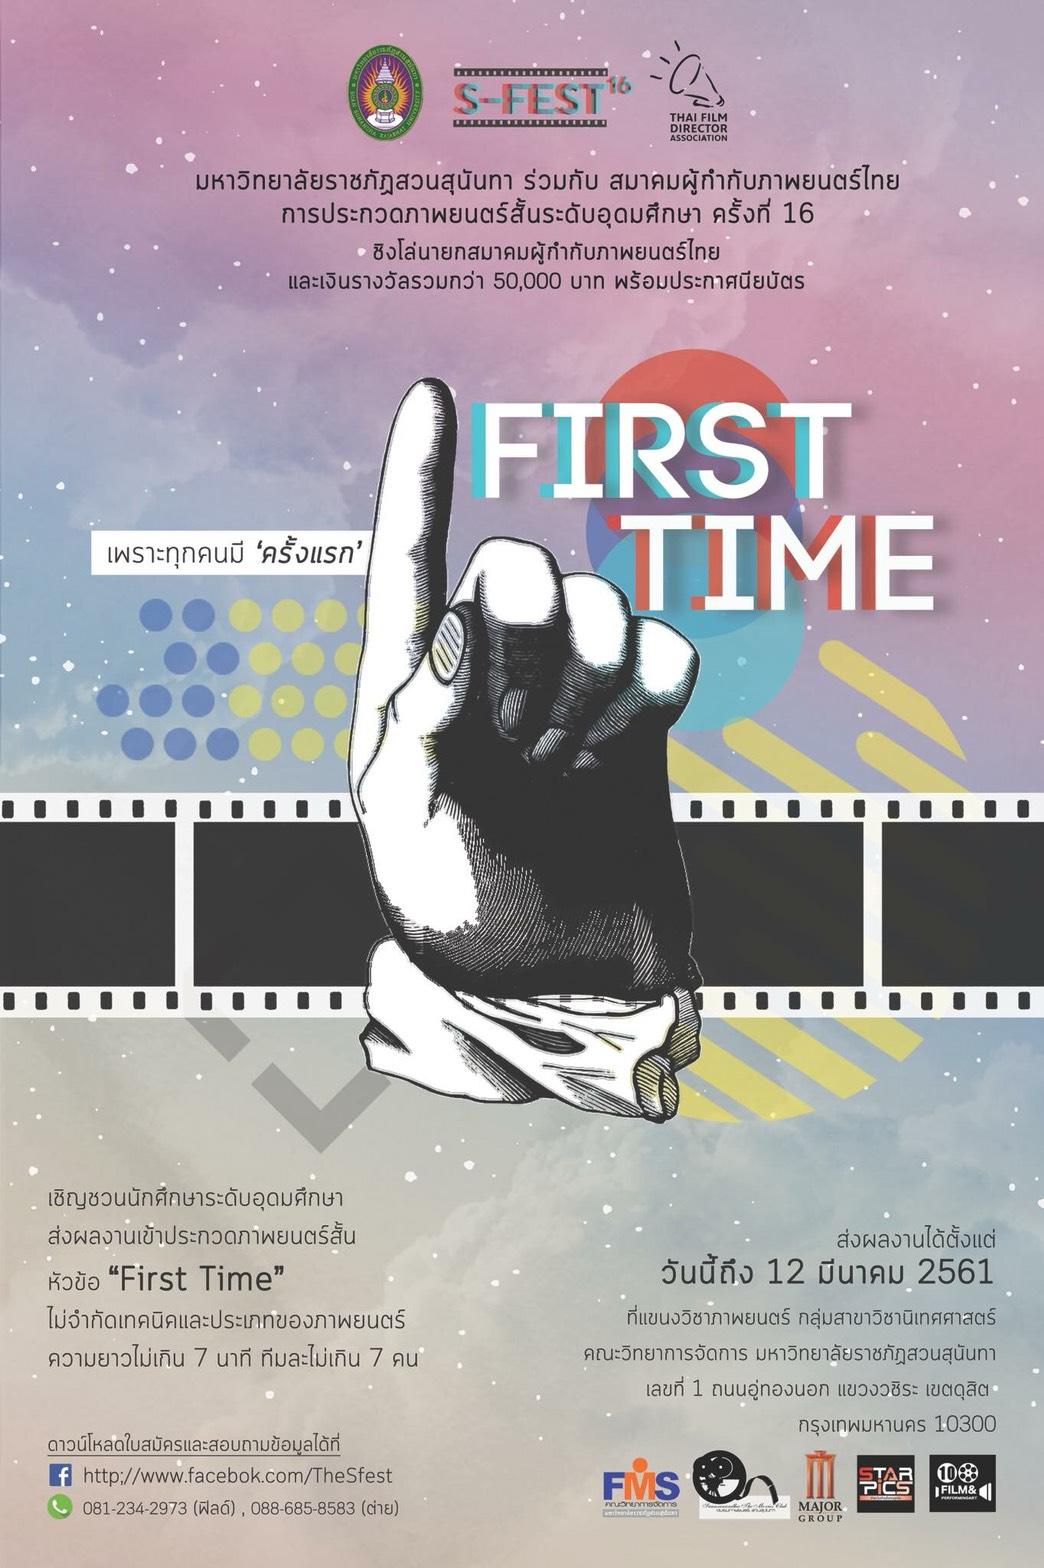 """ขอเชิญนิสิตนักศึกษาทุกท่าน เข้าร่วมประกวดการประกวดภาพยนตร์สั้นระดับอุดมศึกษา ครั้งที่16 ภายใต้หัวข้อ """"First Time"""" 14 -"""